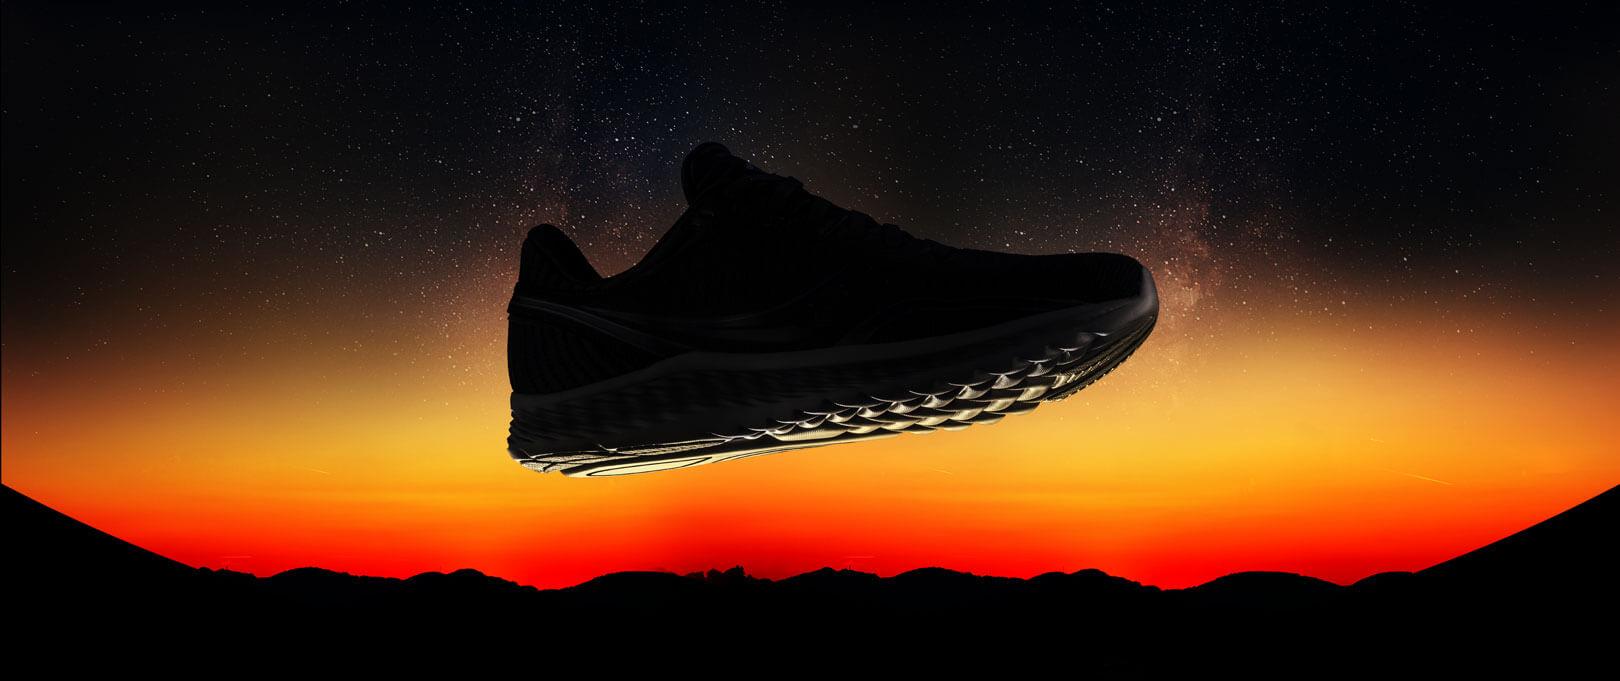 Blackout Sunset